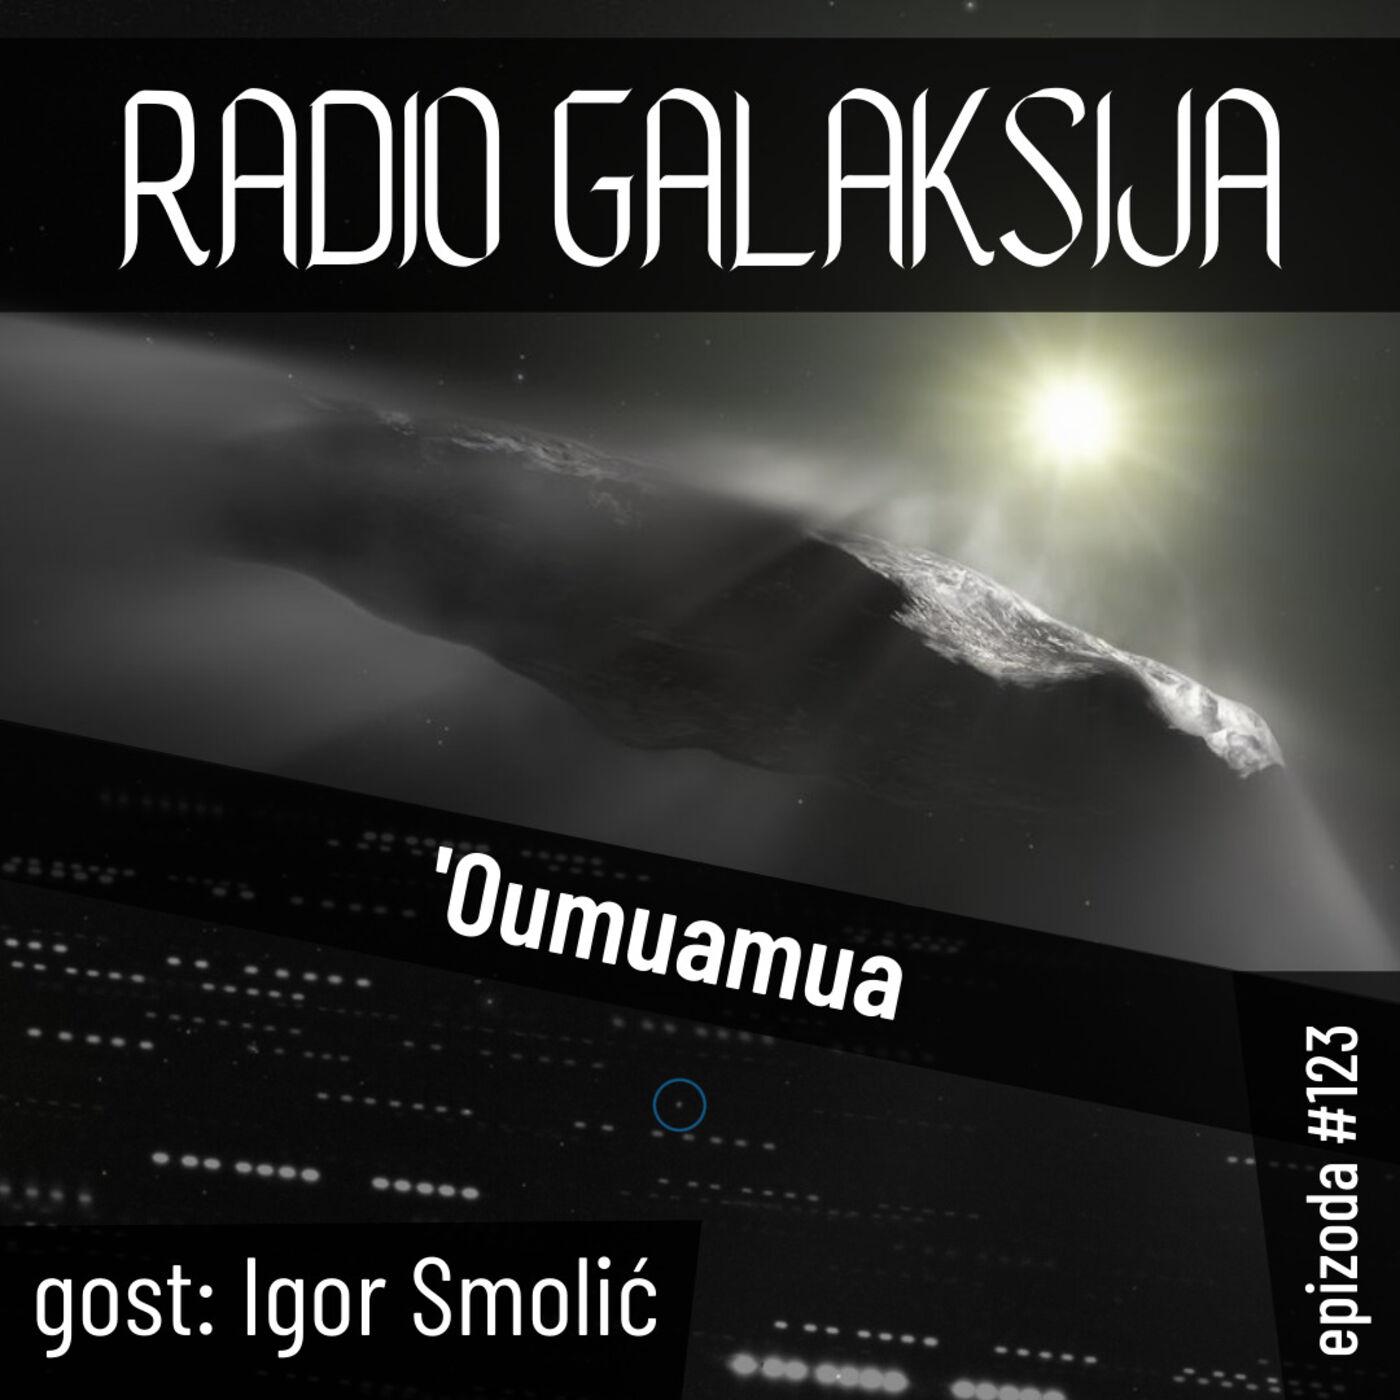 Radio Galaksija #123: 'Oumuamua (Igor Smolić) [09-03-2021]